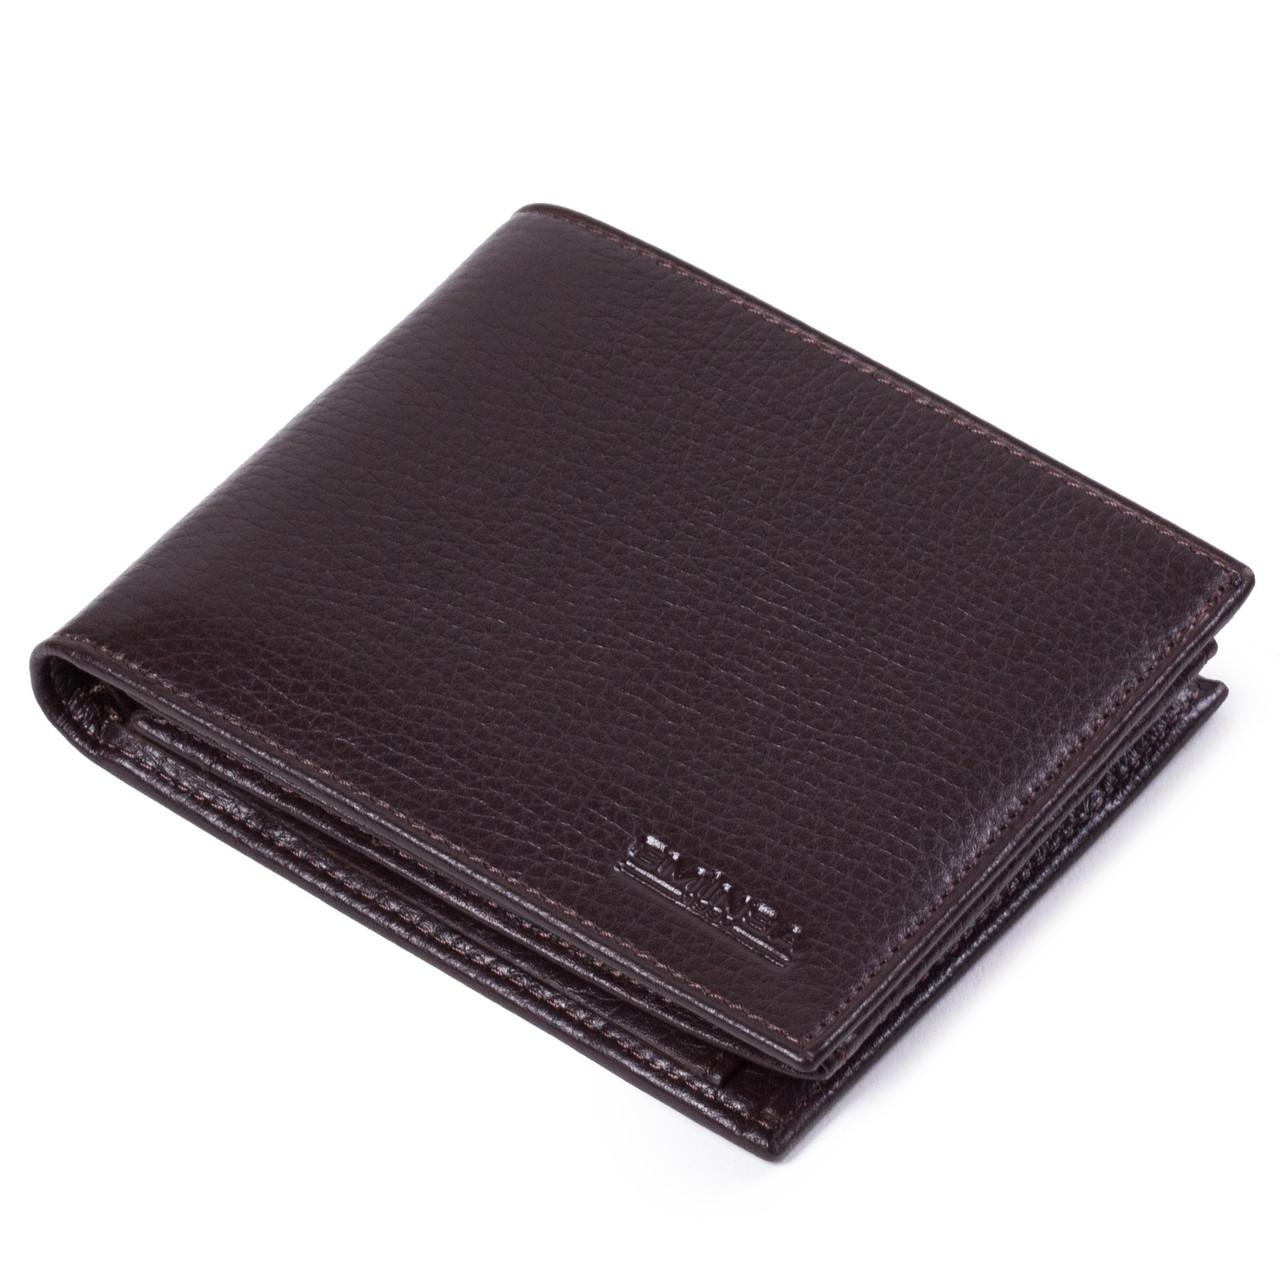 Мужской кошелек кожаный коричневый Eminsa 1029-17-3